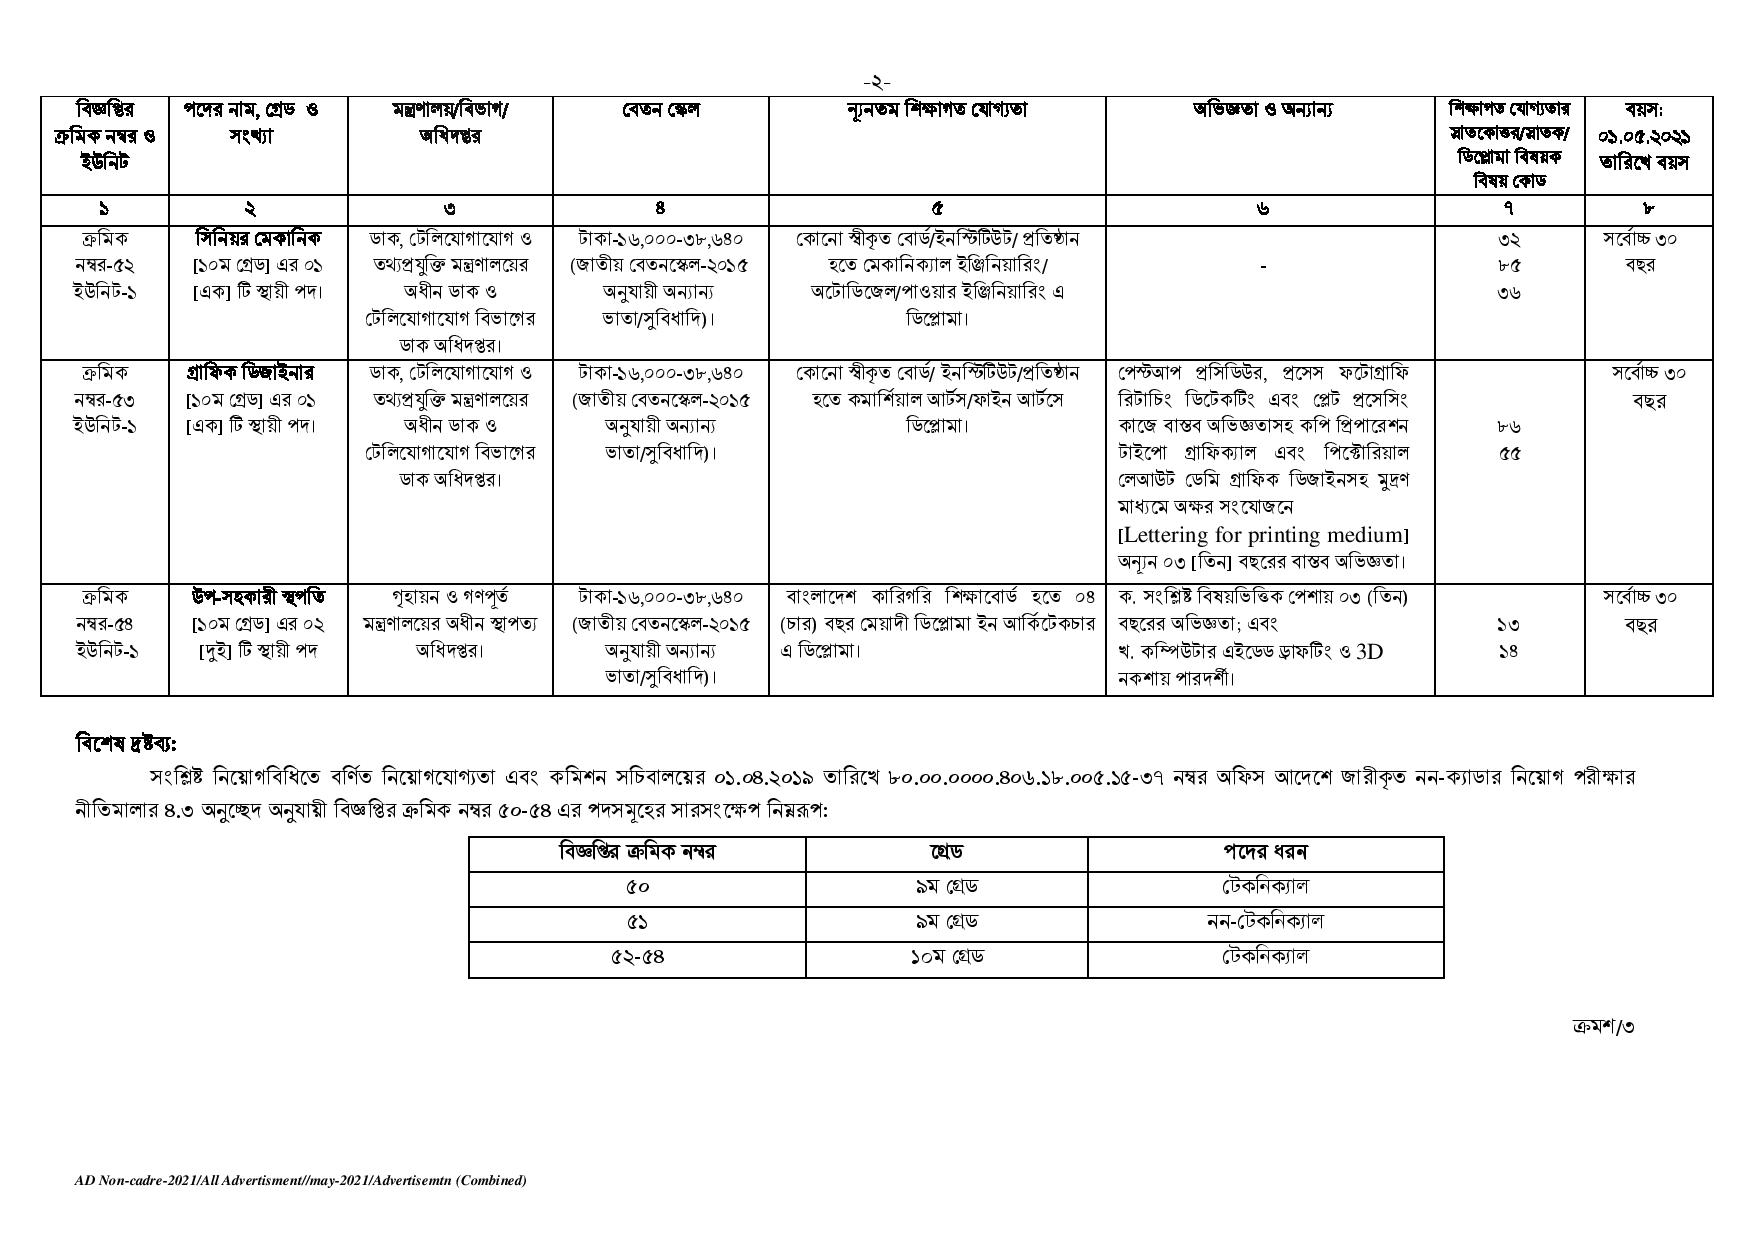 বাংলাদেশ সরকারি কর্ম কমিশনের নতুন নিয়োগ বিজ্ঞপ্তি প্রকাশ